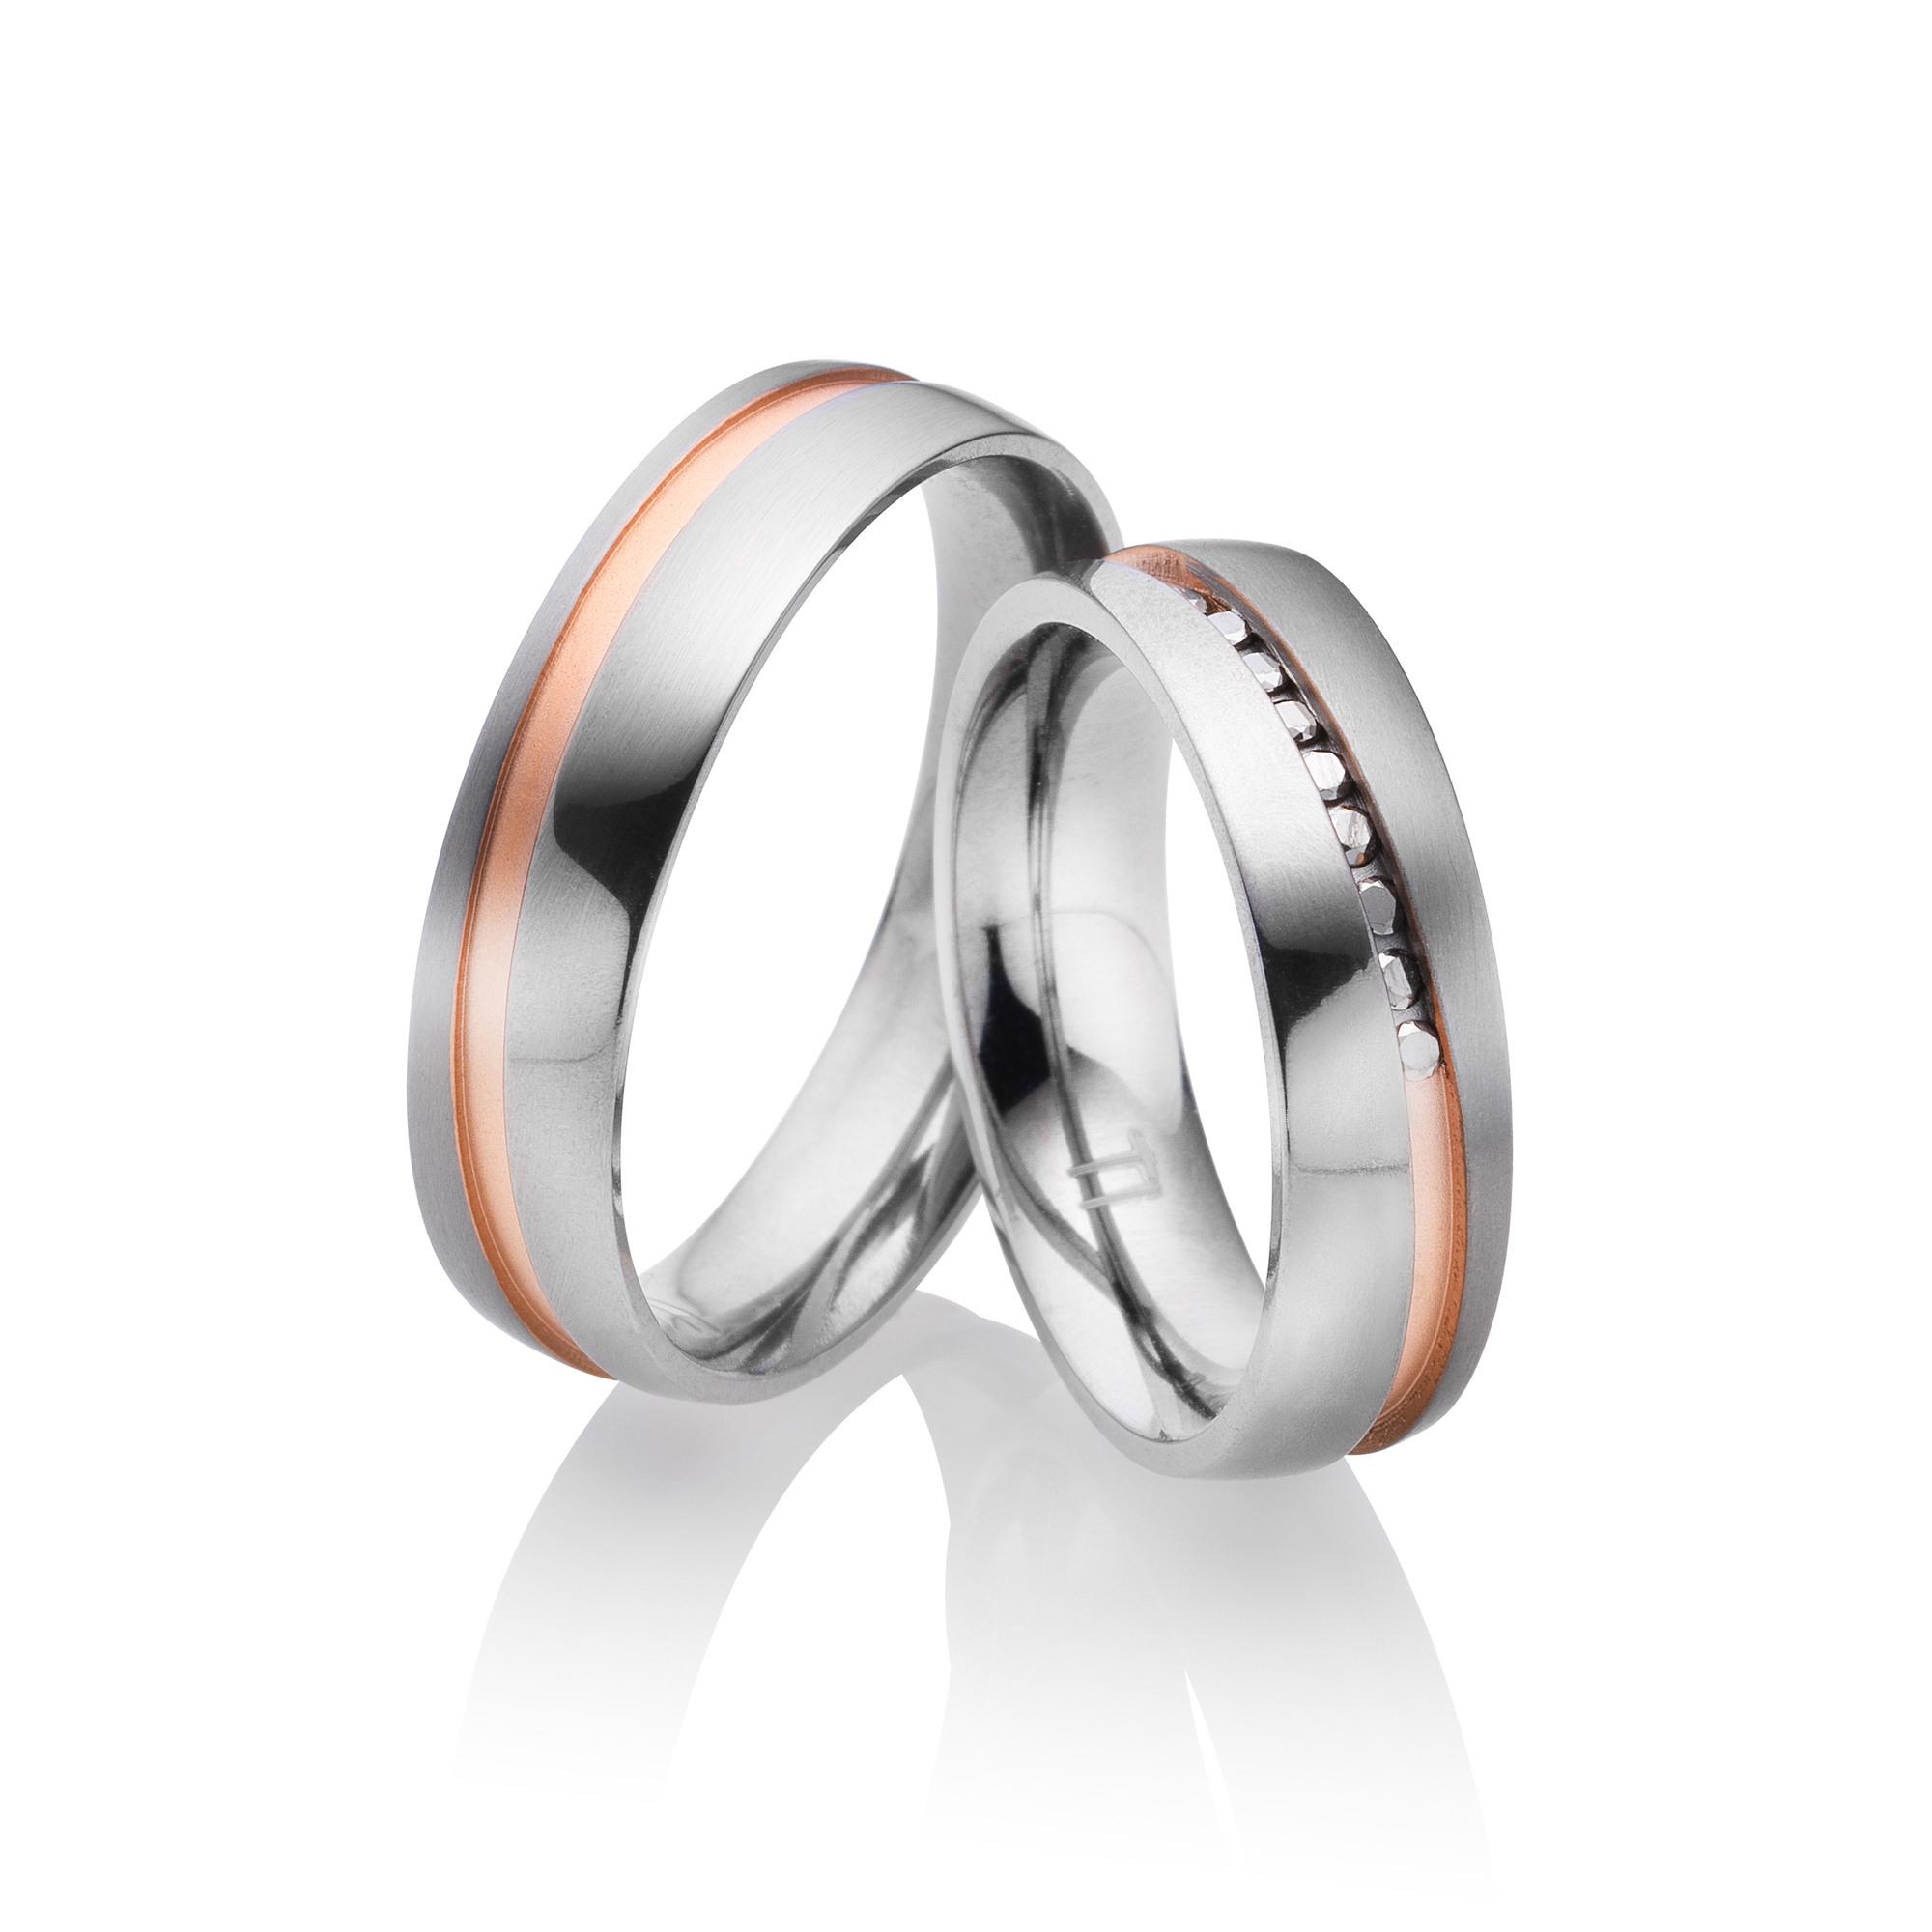 Titan Eheringe Partnerringe Paris | Miomi - Tungsten Carbide Jewelry